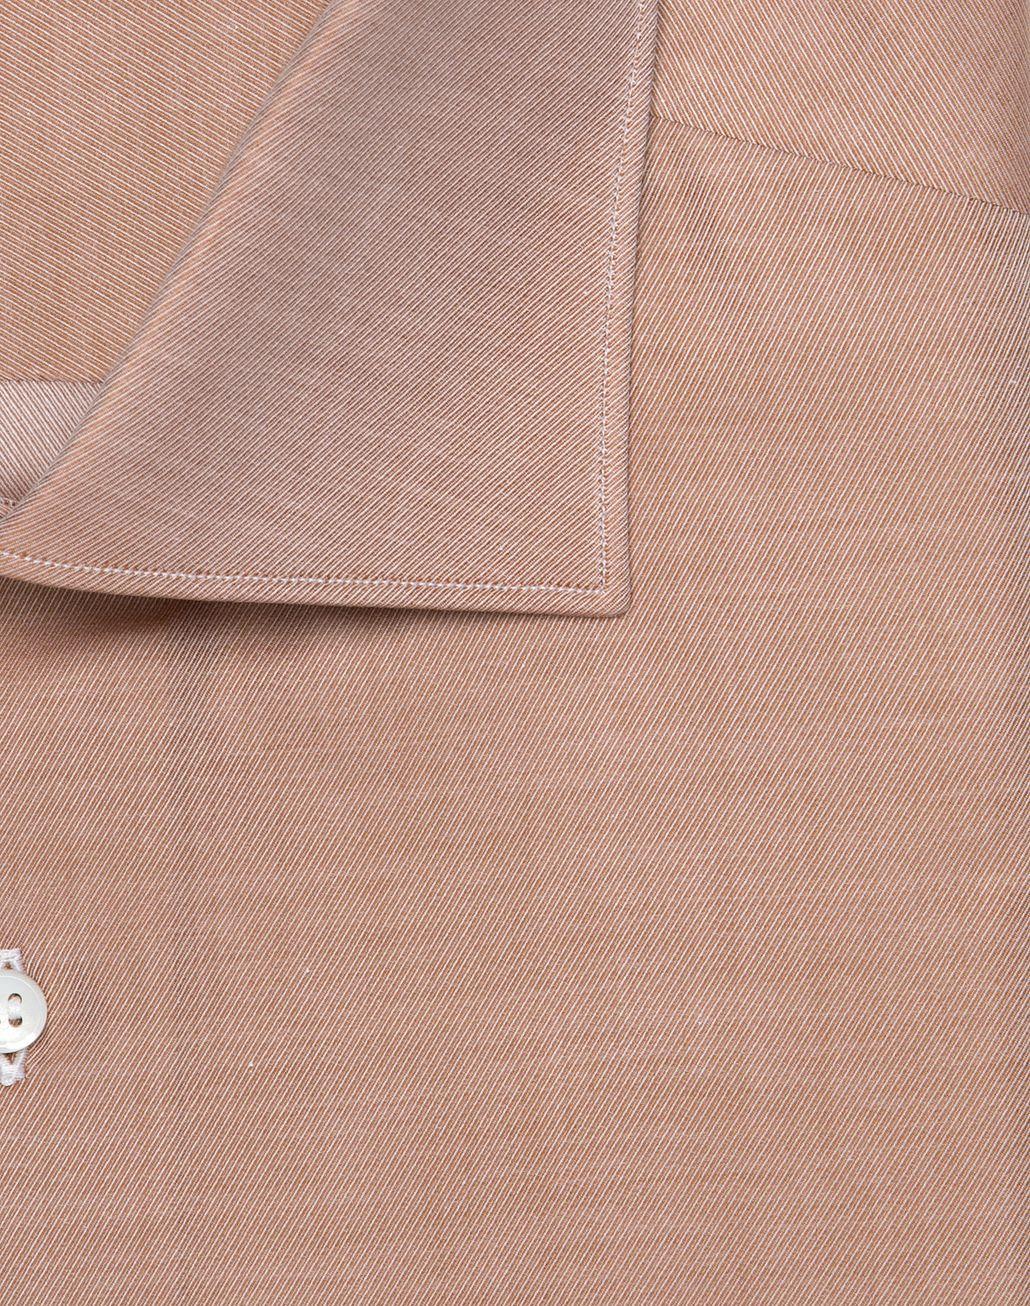 BRIONI Приталенная рубашка из твила цвета виски Классическая рубашка U r